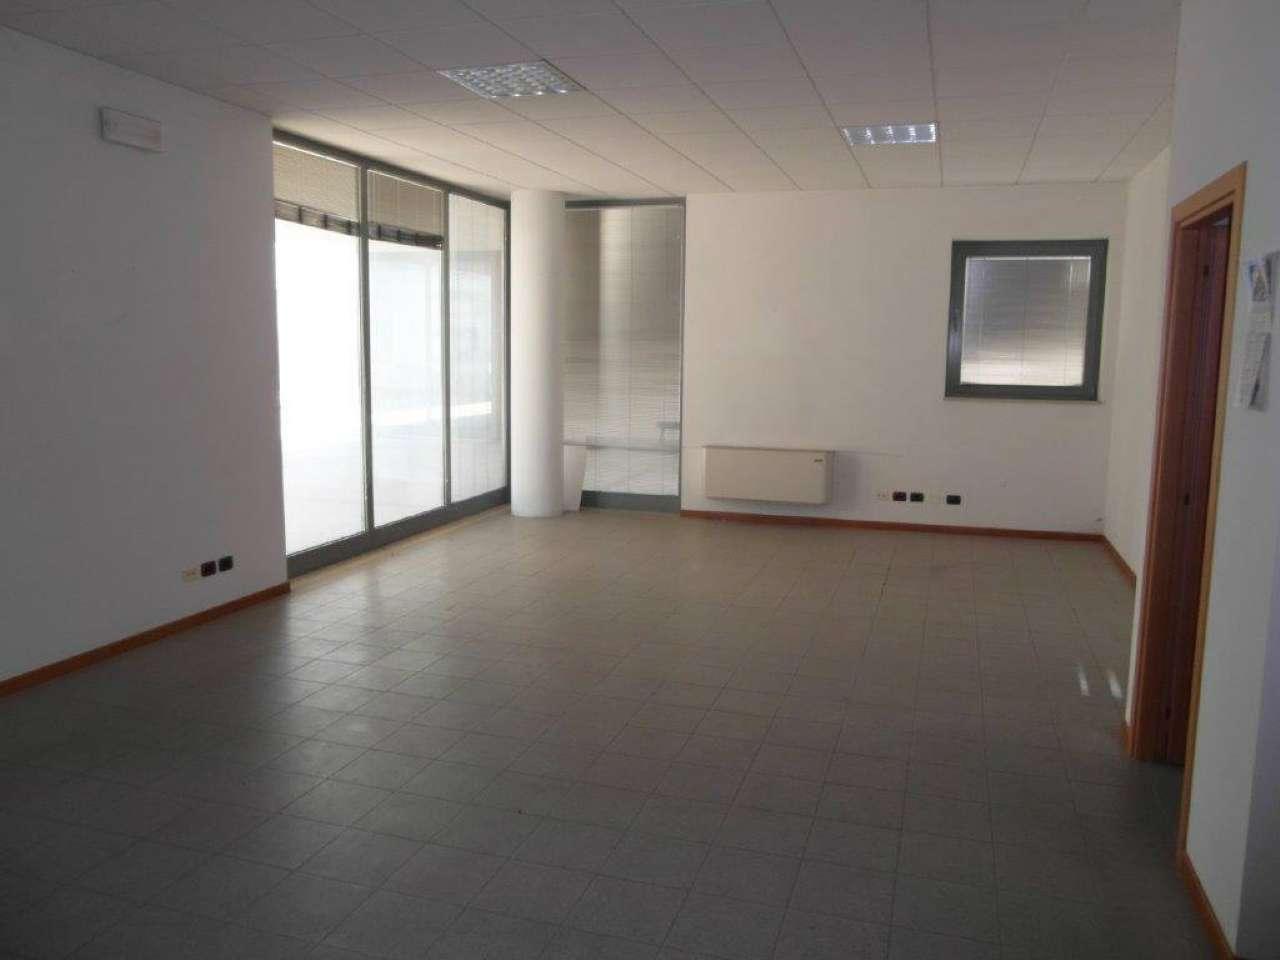 Ufficio / Studio in vendita a Este, 1 locali, prezzo € 60.000 | Cambio Casa.it